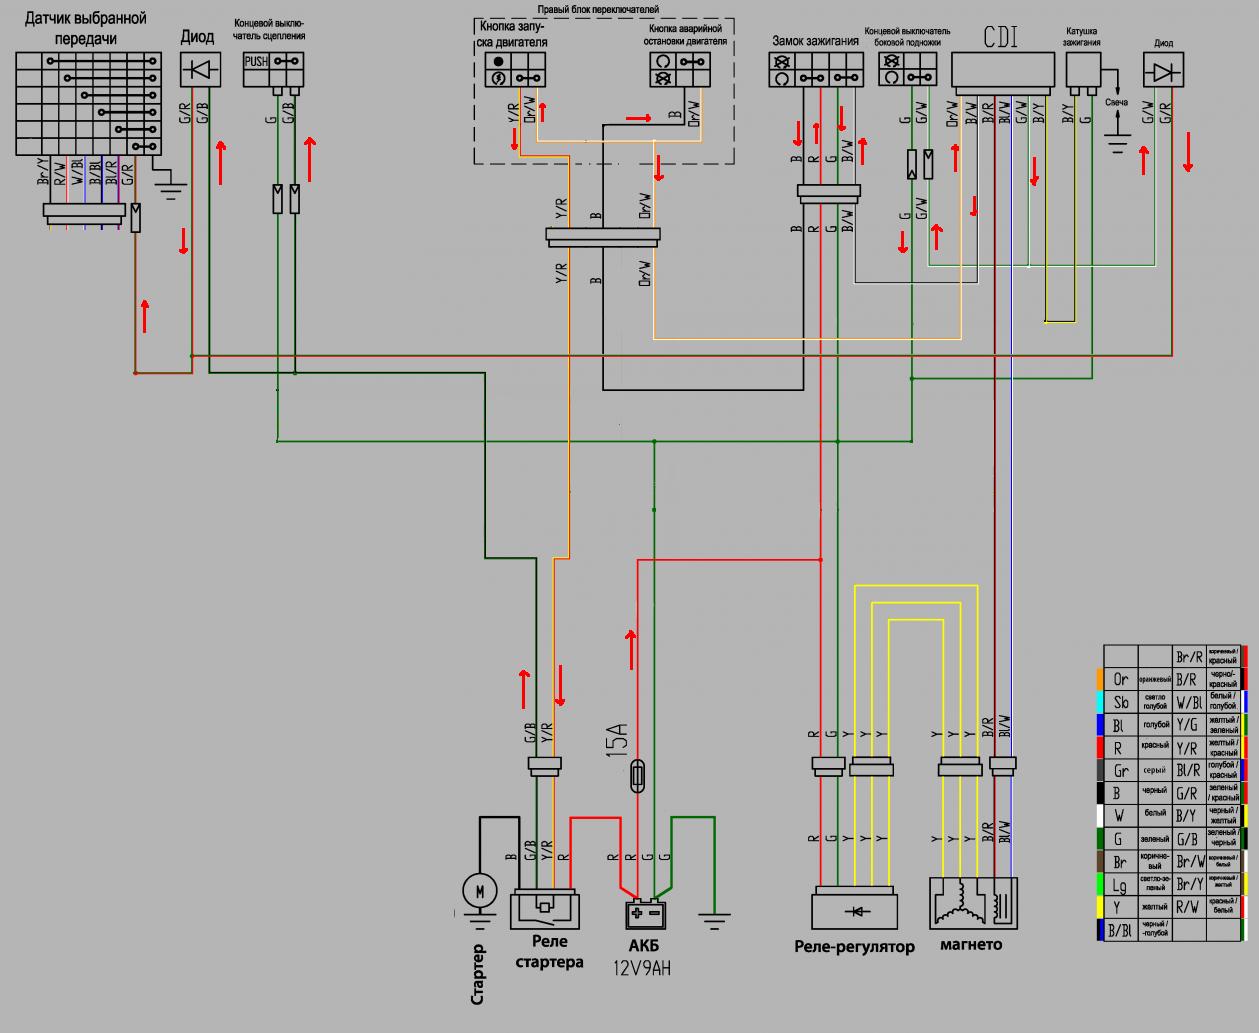 Схема подключения датчик передачи на мотоцикле Внесение исправлений в трудовую книжку